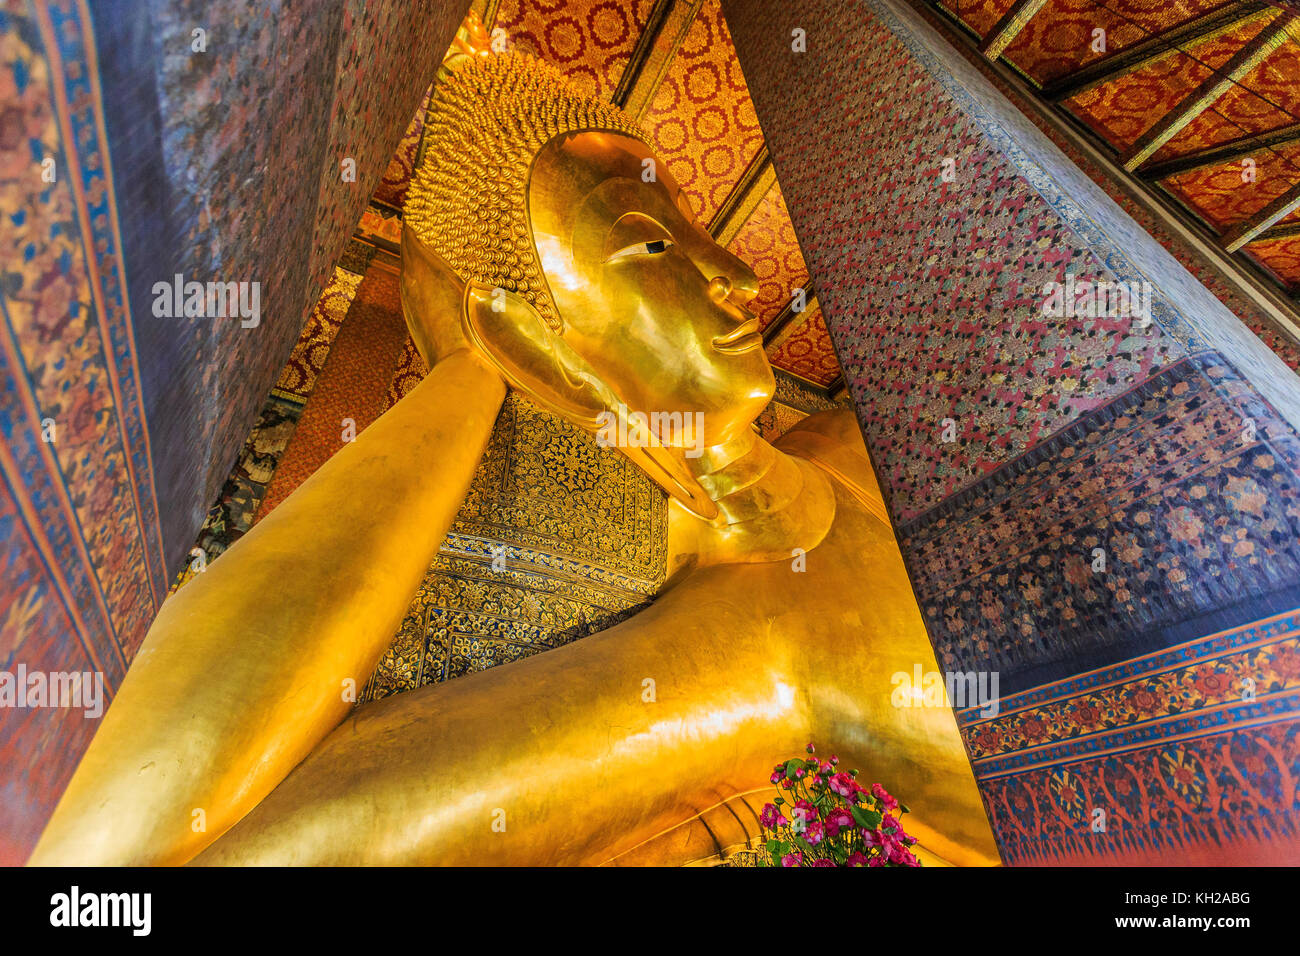 Bangkok, Thailand. Reclining Buddha, gold statue at Wat Pho temple. - Stock Image